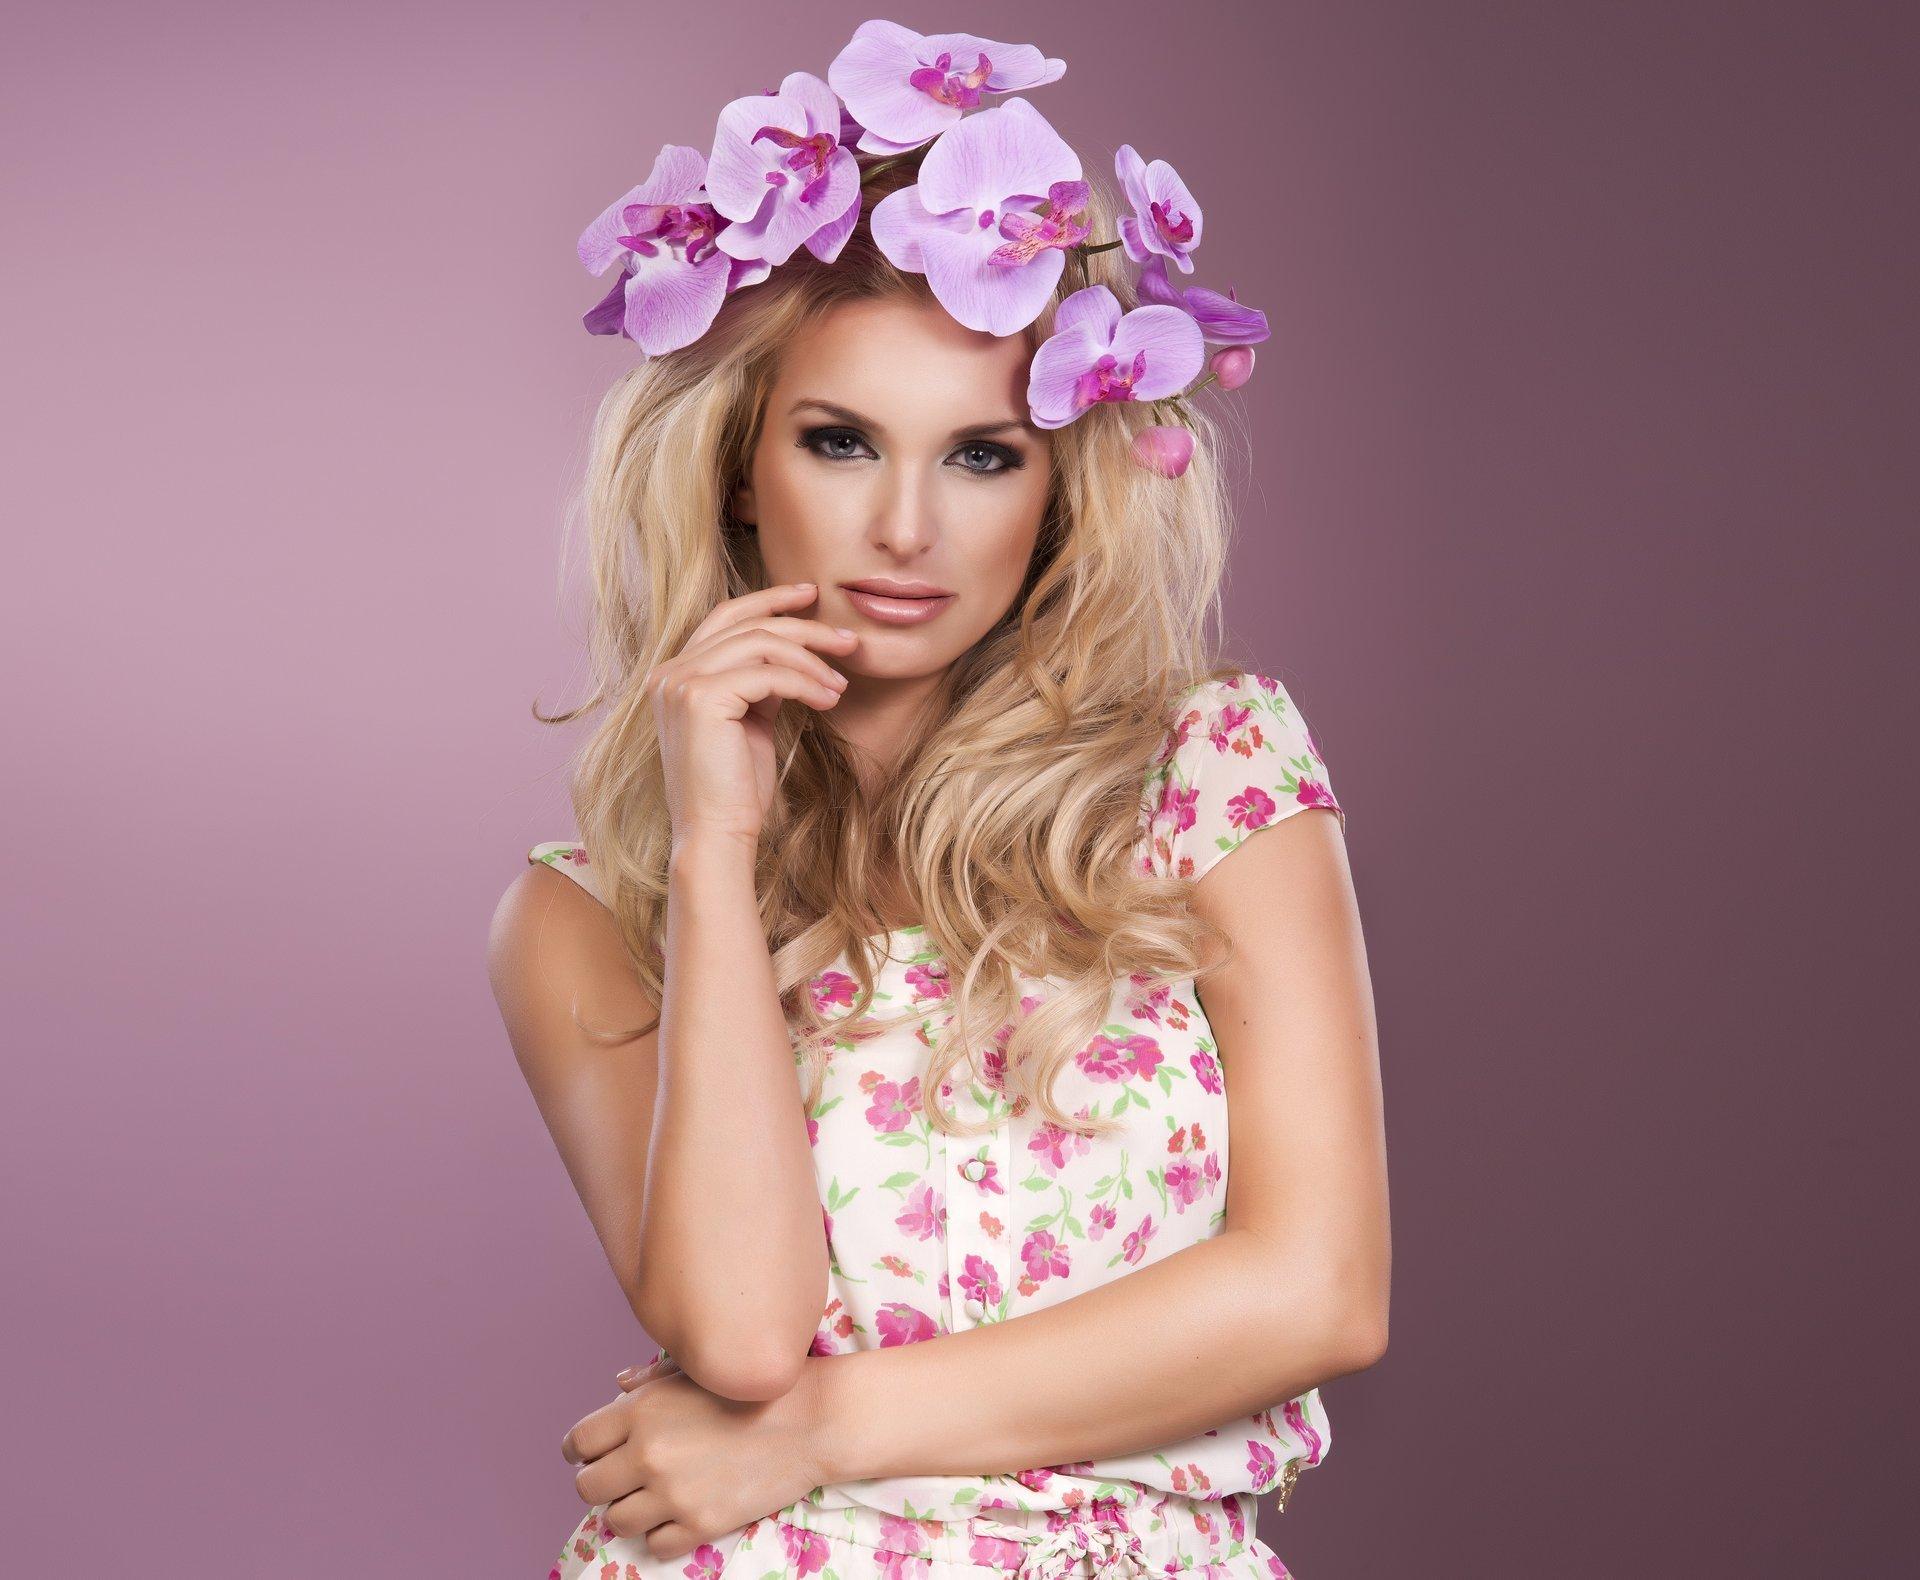 Картинка девушки с цветами на голове и розовых, открытки национальные картинки